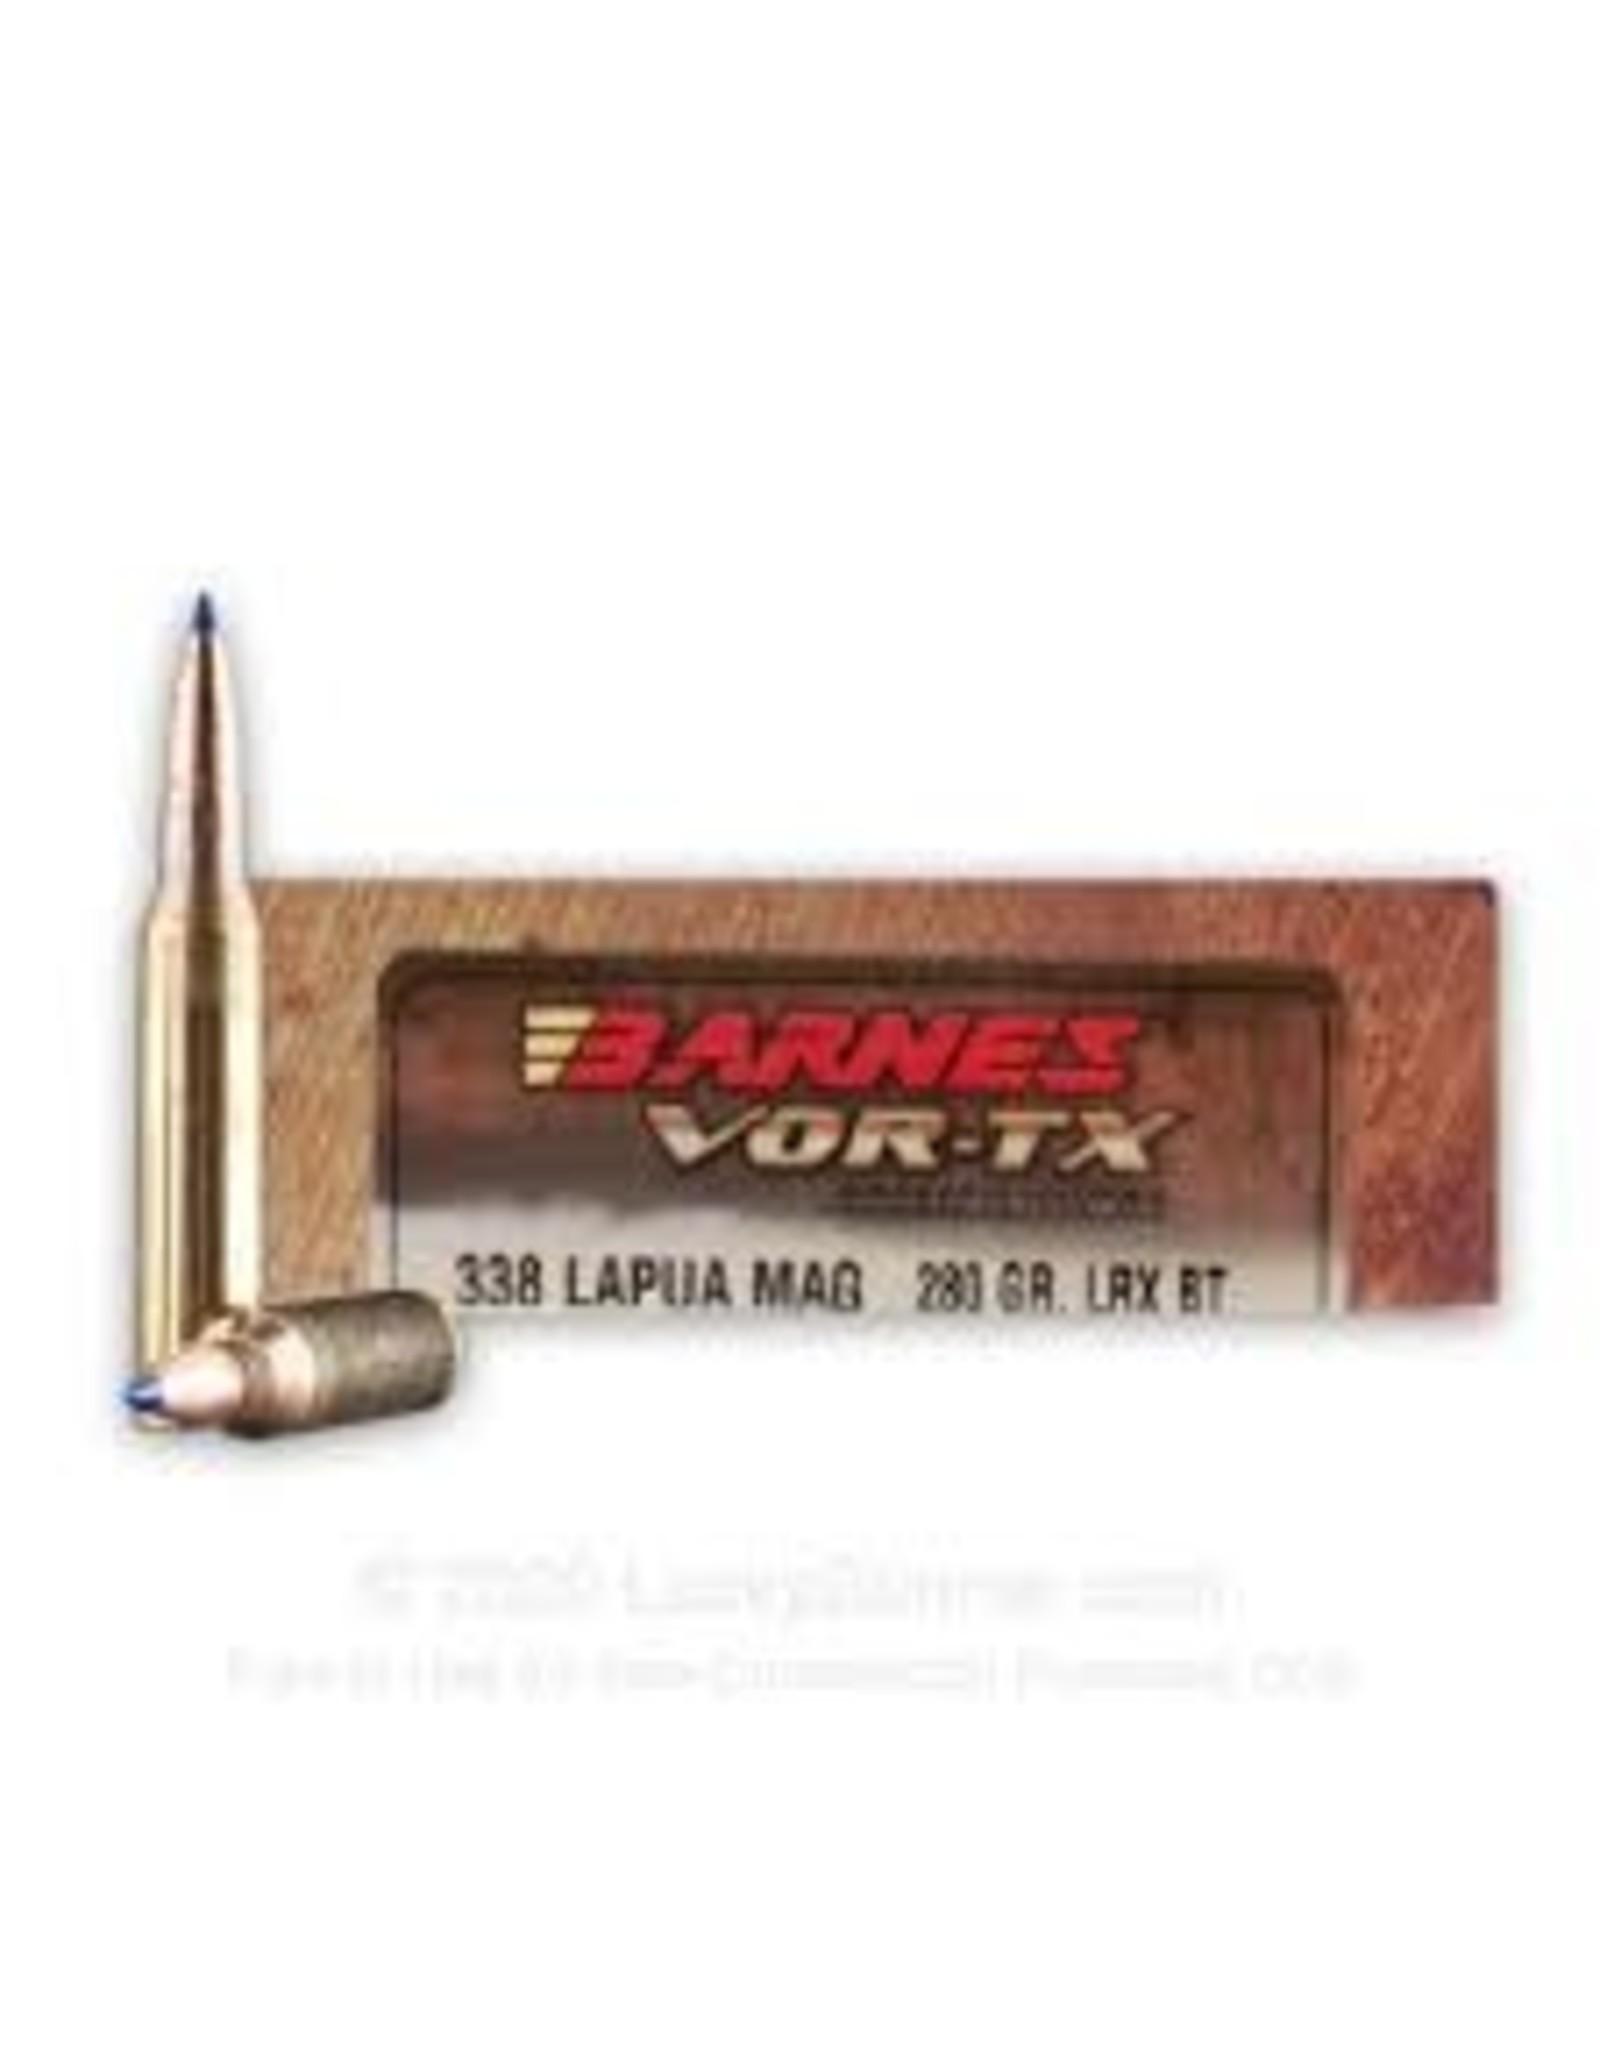 Barnes BARNES VOR-TX 338 LAPUA 280GR LRX AMMO